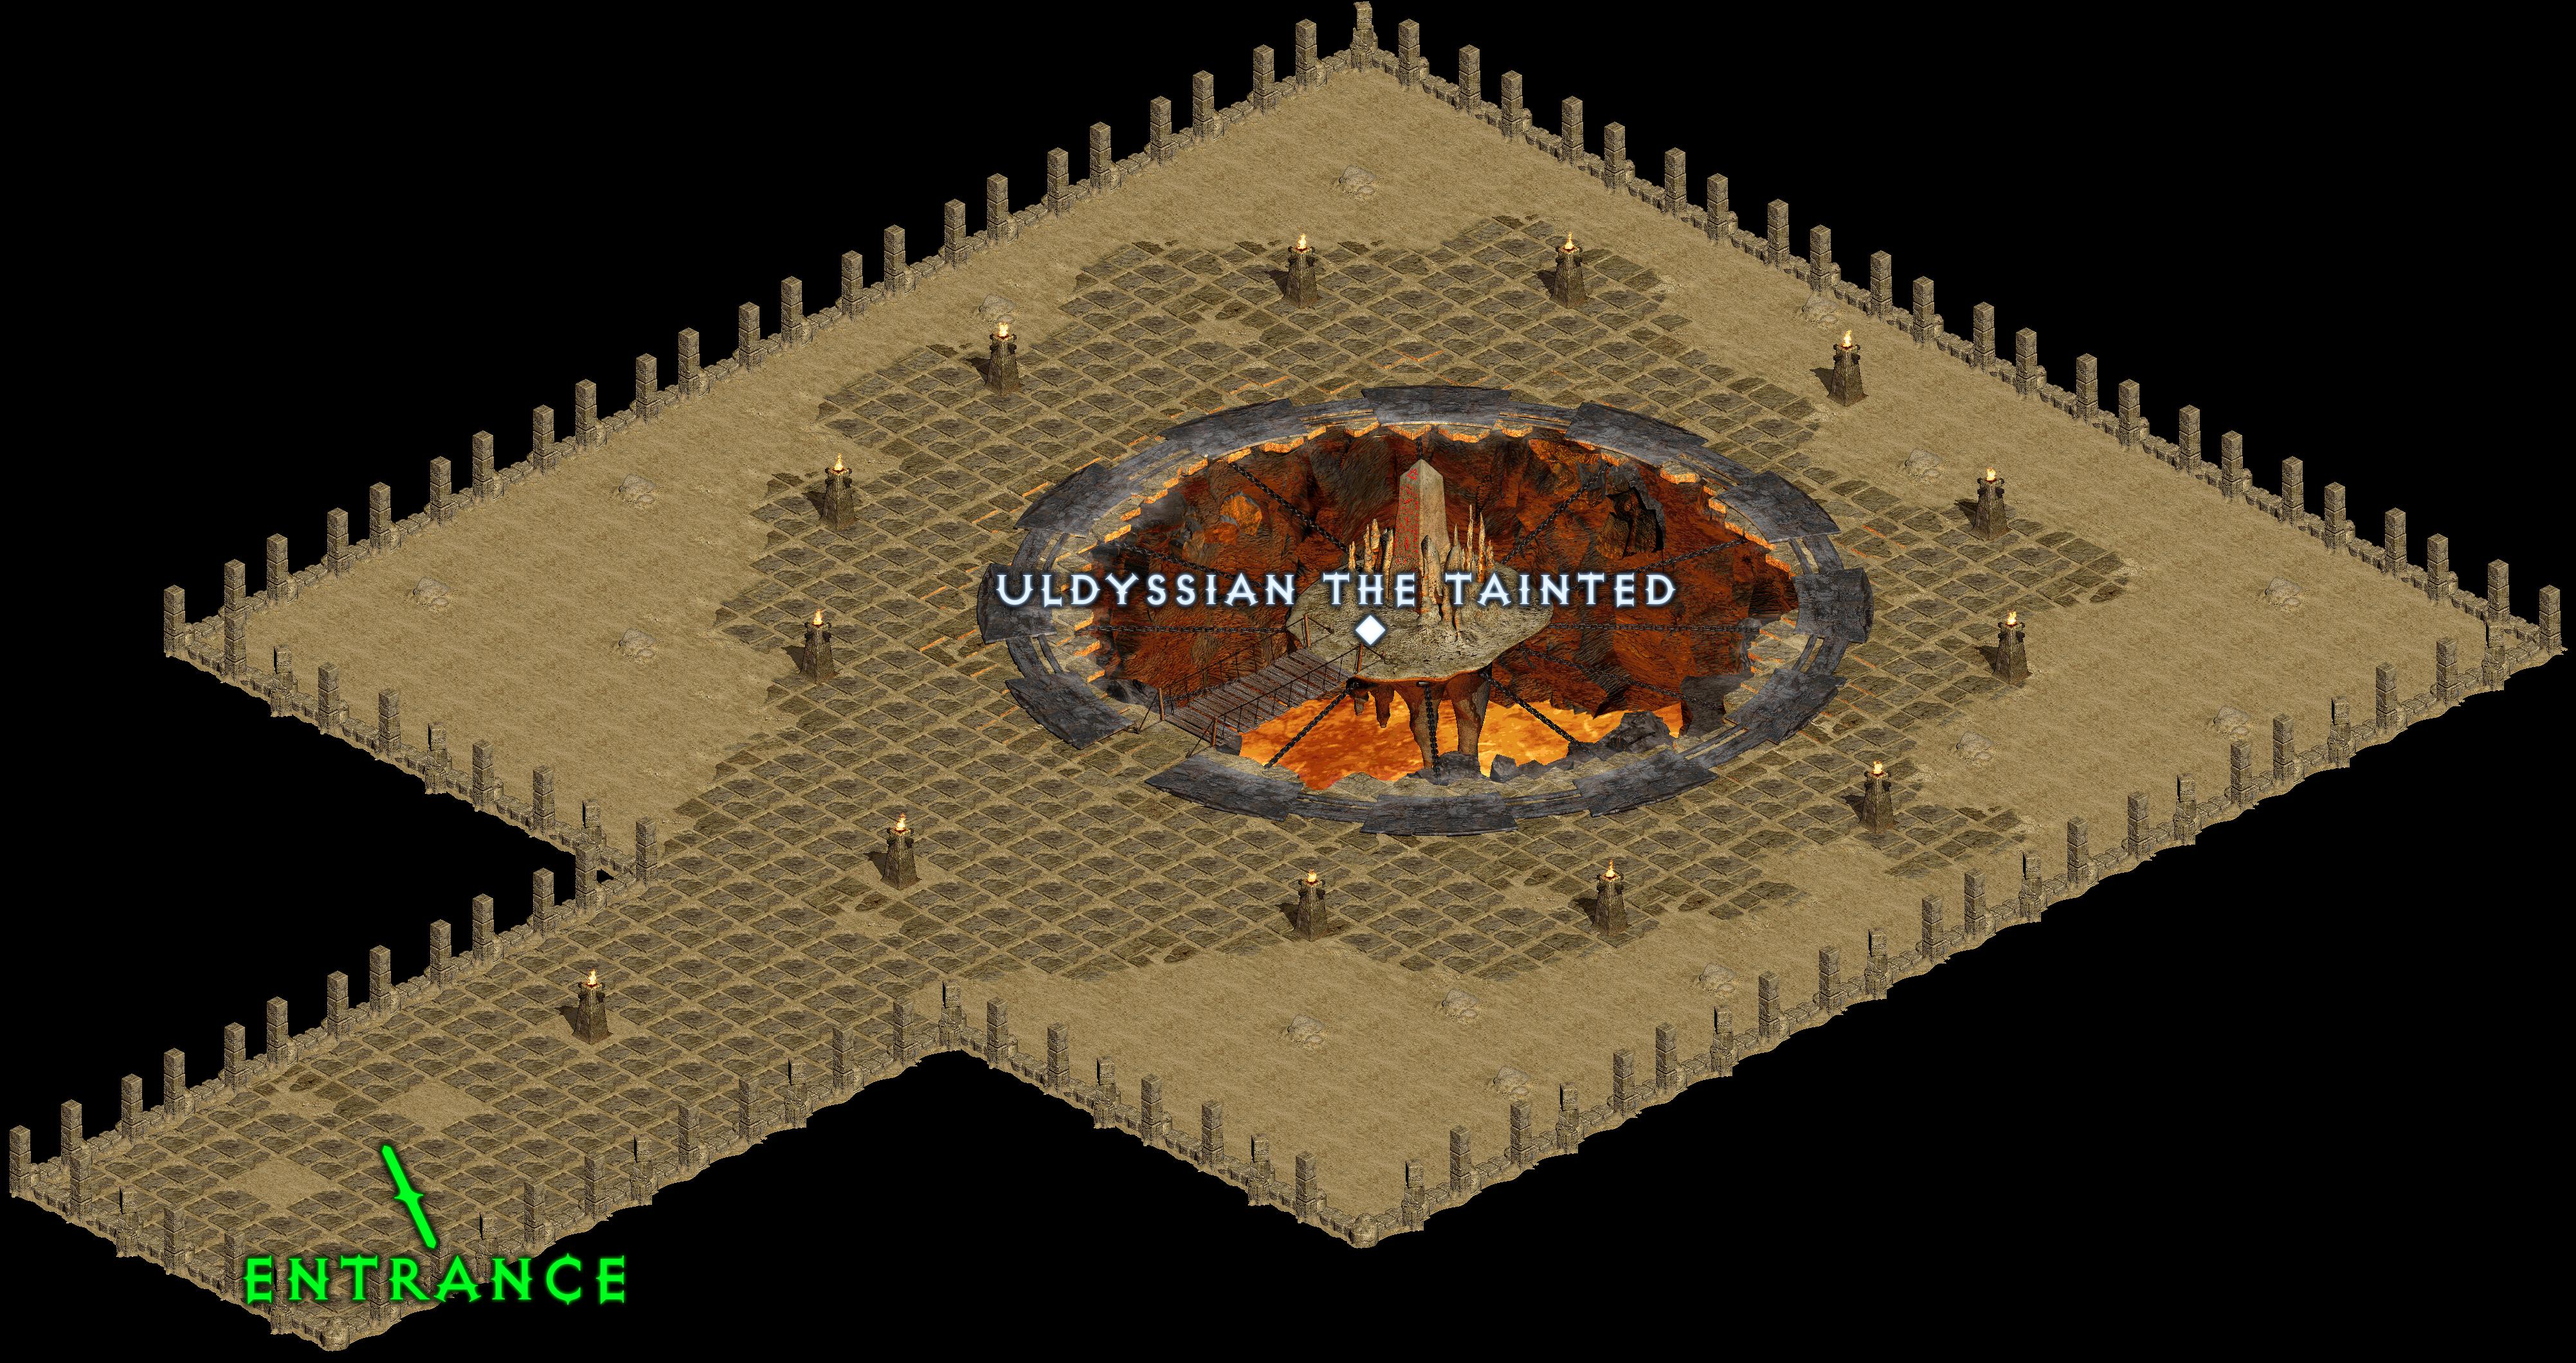 Uldyssian's Tomb